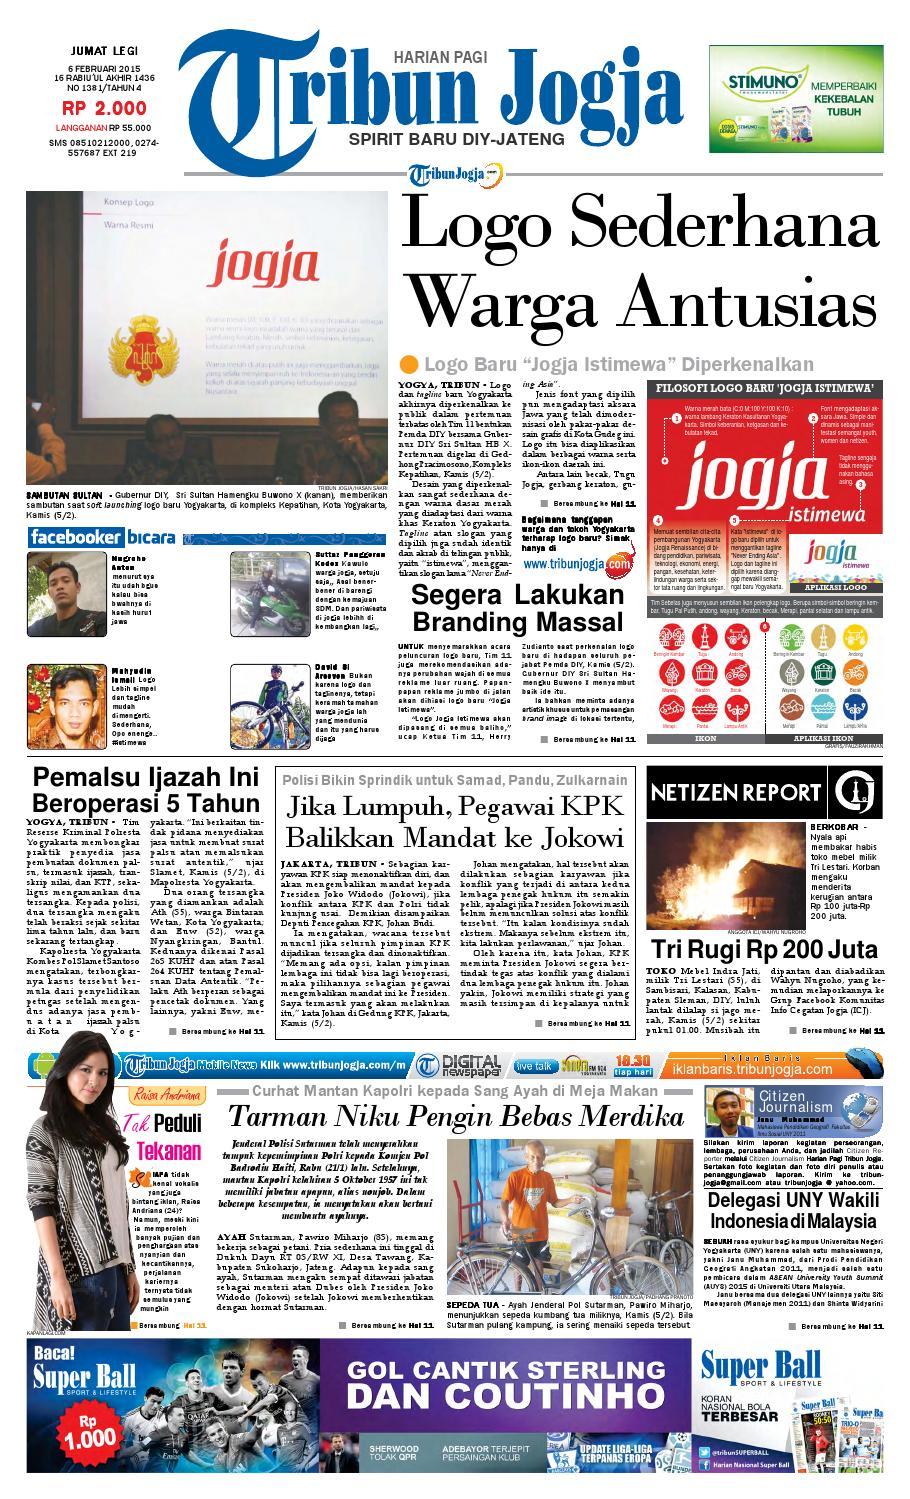 Tribunjogja 06 02 2015 By Tribun Jogja Issuu Produk Ukm Bumn Pusaka Coffee 15 Pcs Kopi Herbal Nusantara Free Ongkir Depok Ampamp Jakarta